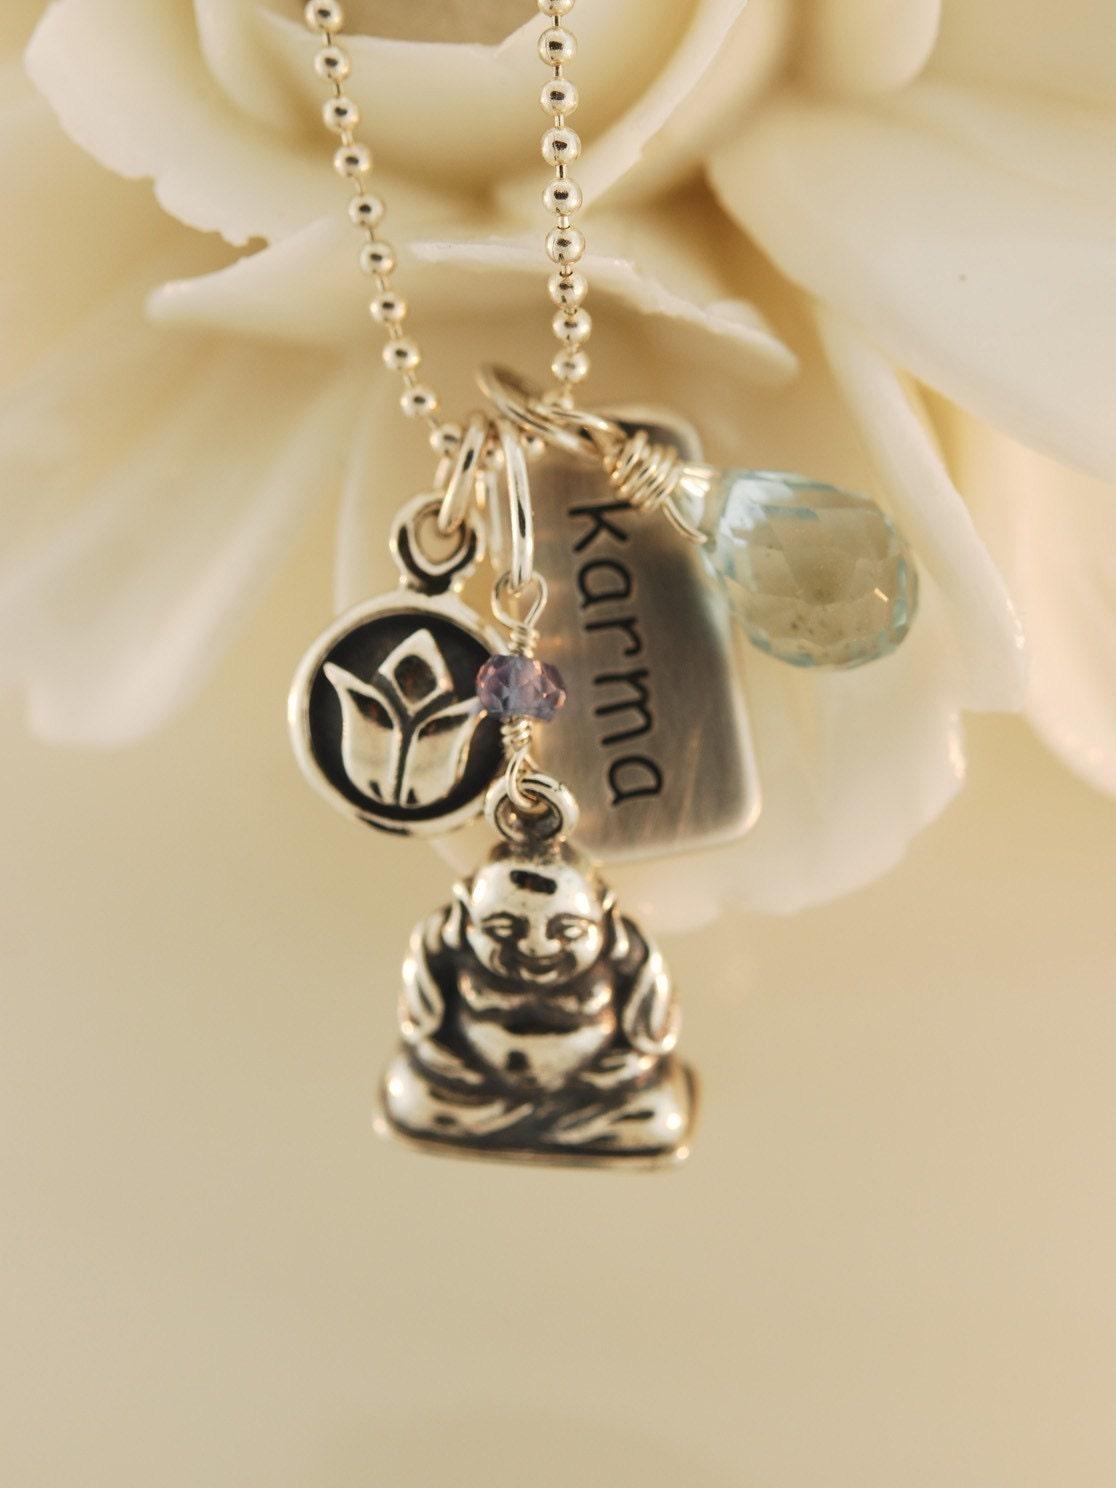 karma charm necklace